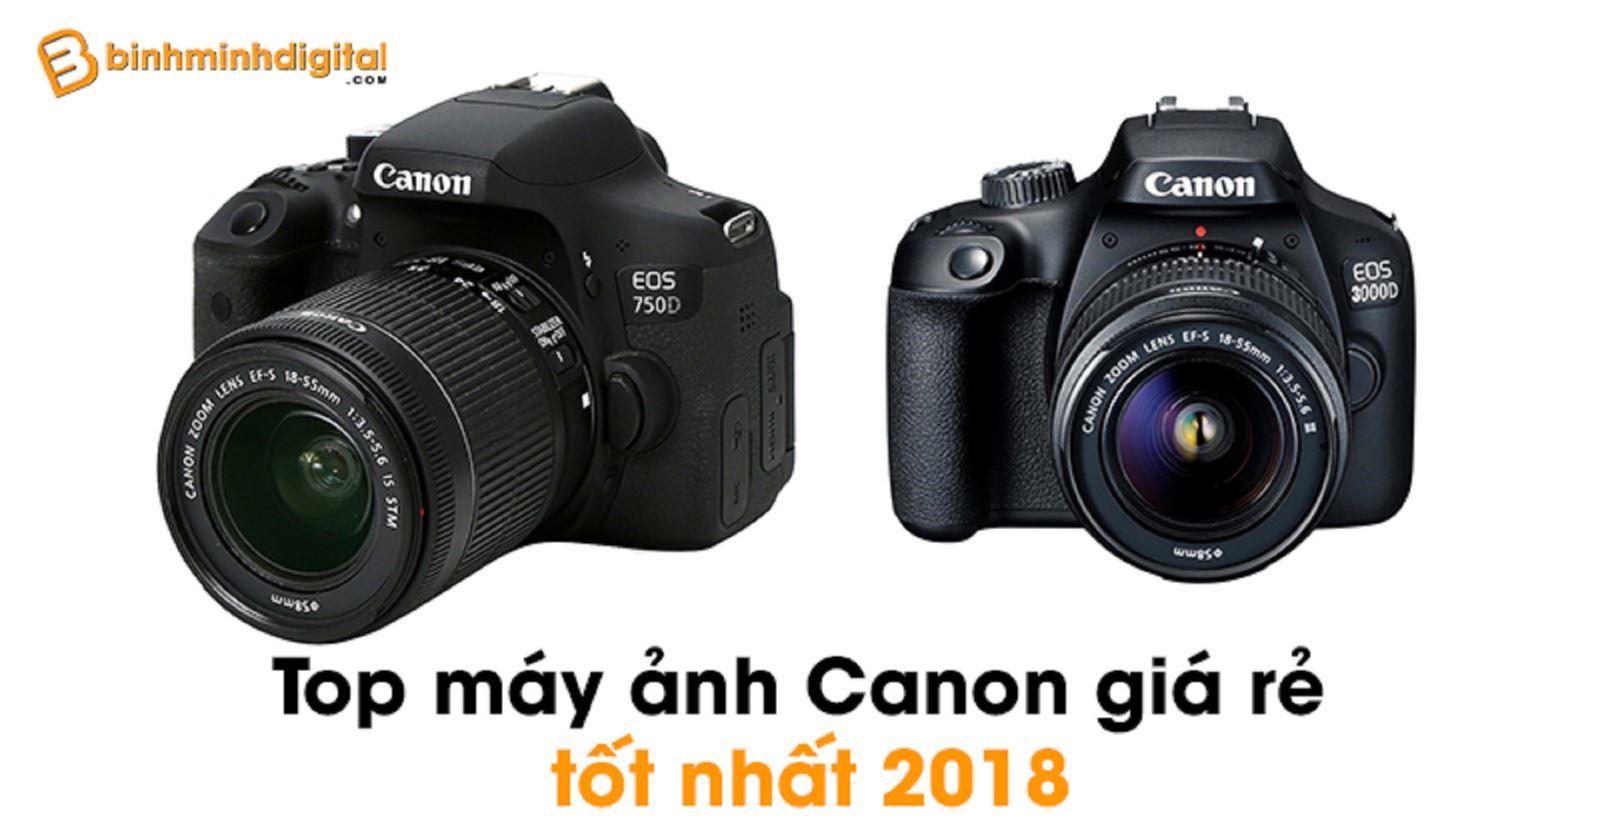 Top máy ảnh Canon giá rẻ tốt nhất 2018